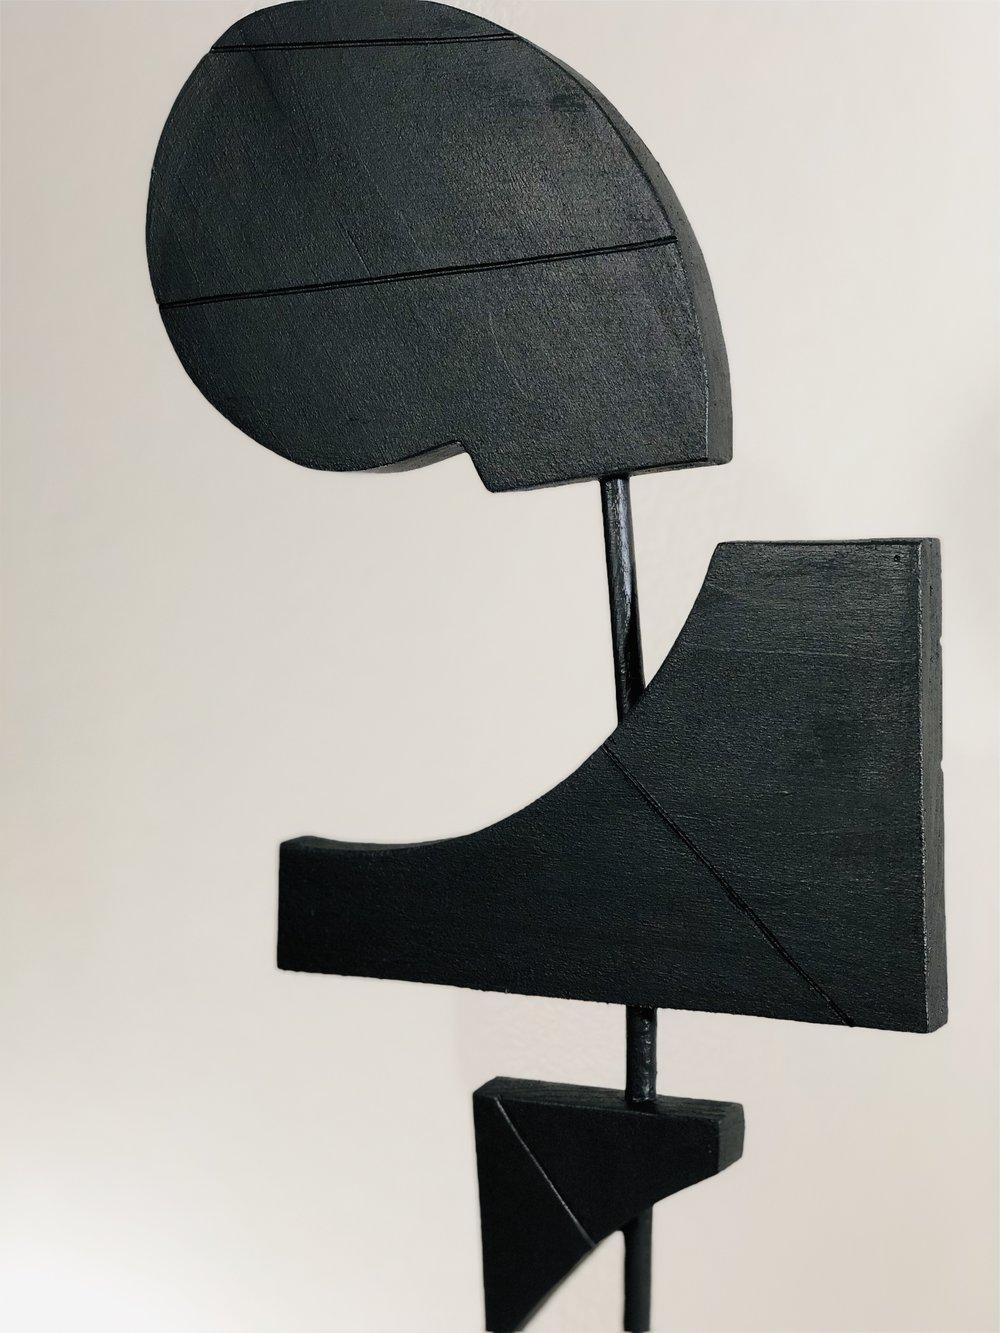 Sculpture004-Detail.jpg